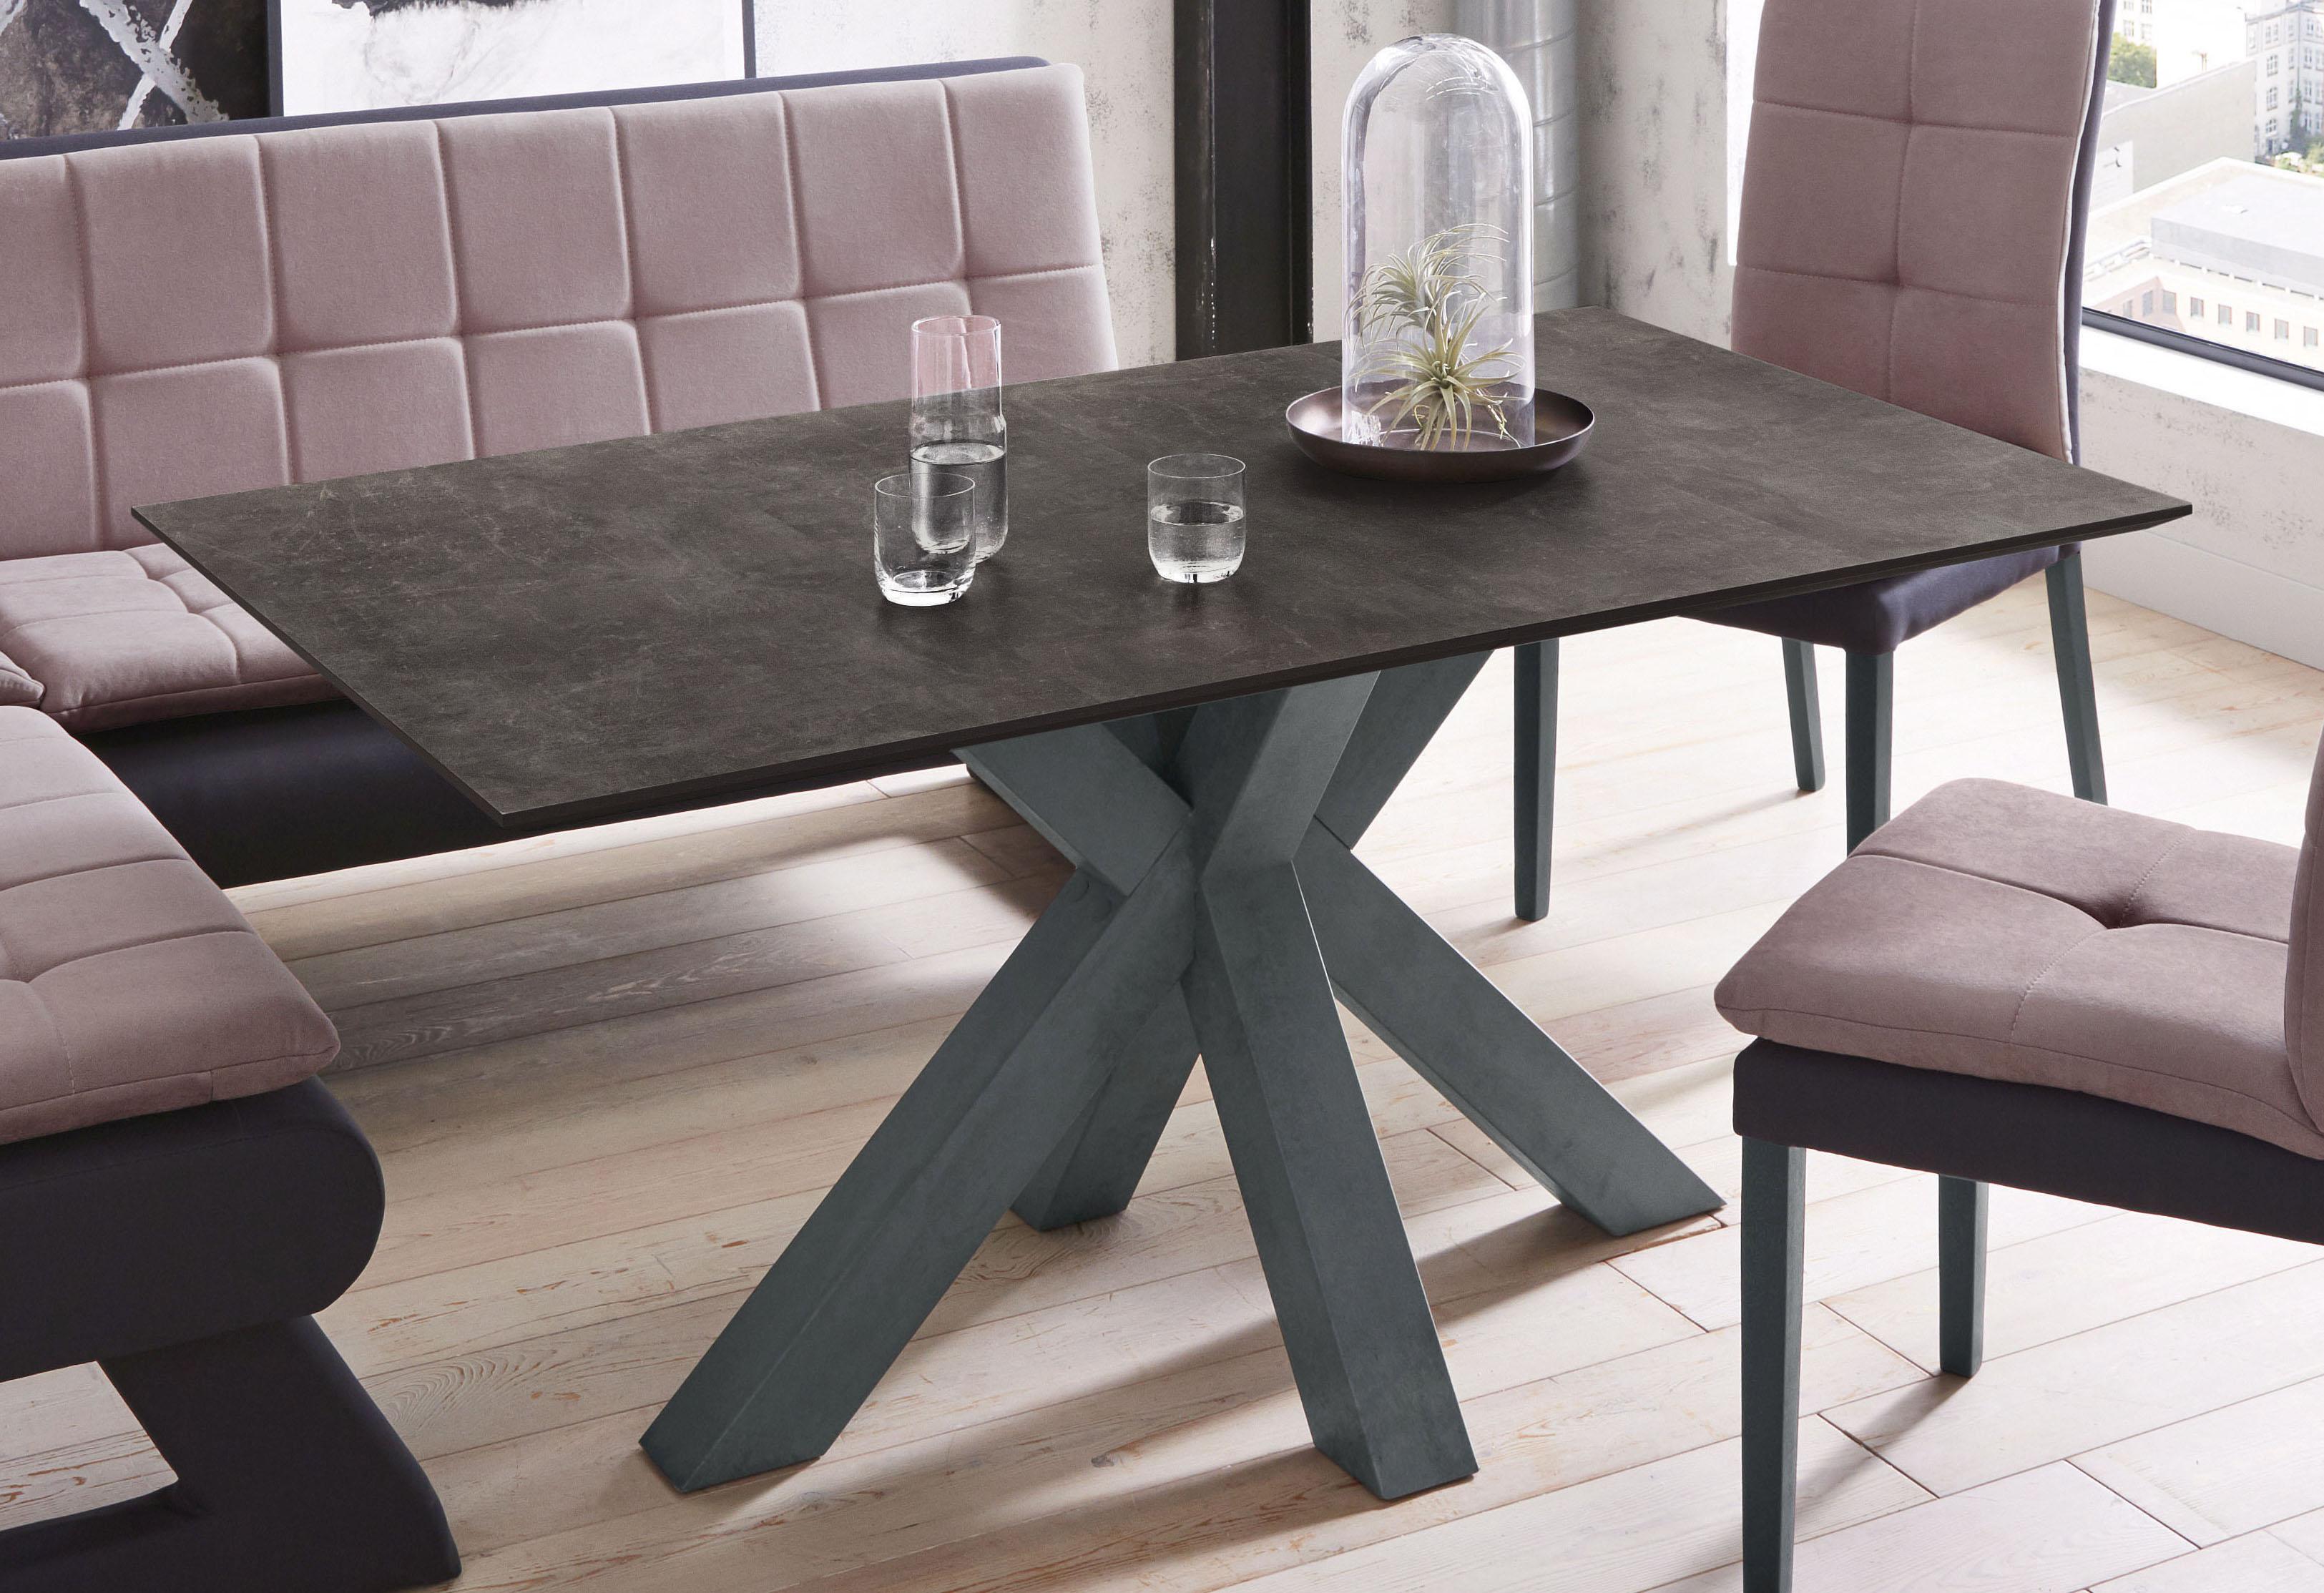 Mäusbacher Esstisch, Breite 160 cm grau Esstisch Esstische rechteckig Tische